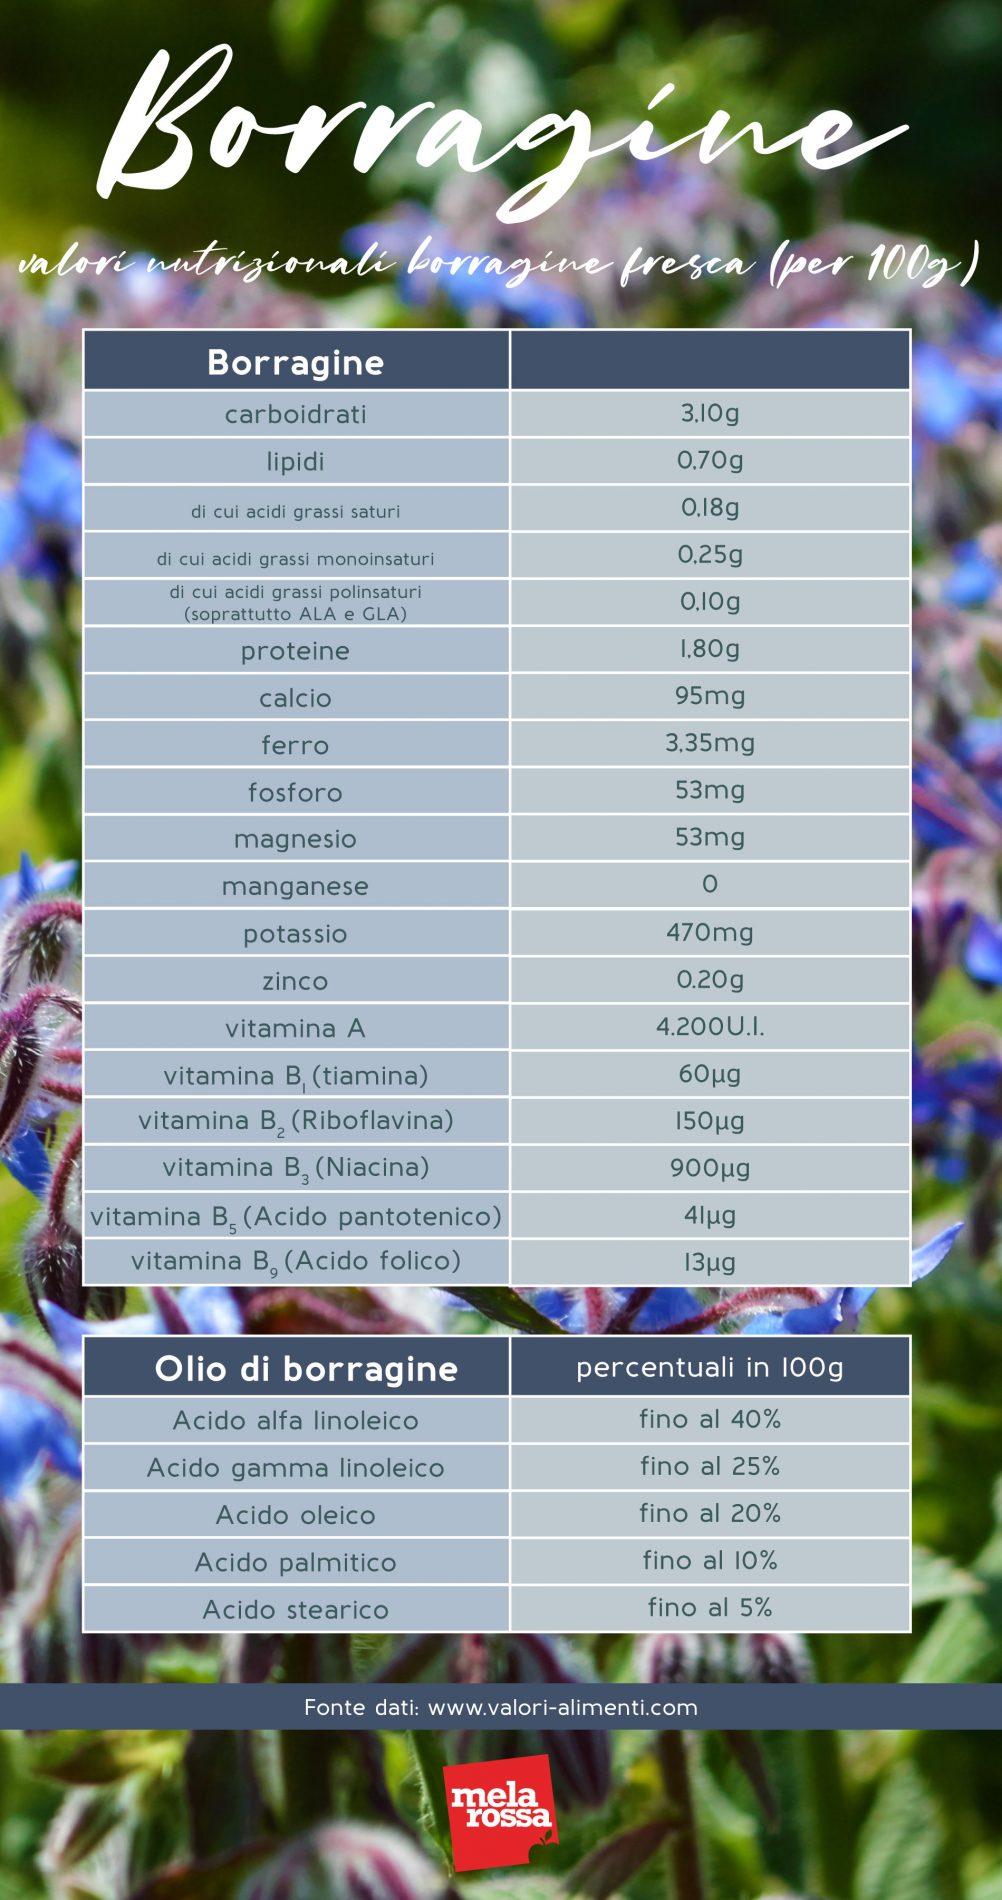 borragine: valori nutrizionali